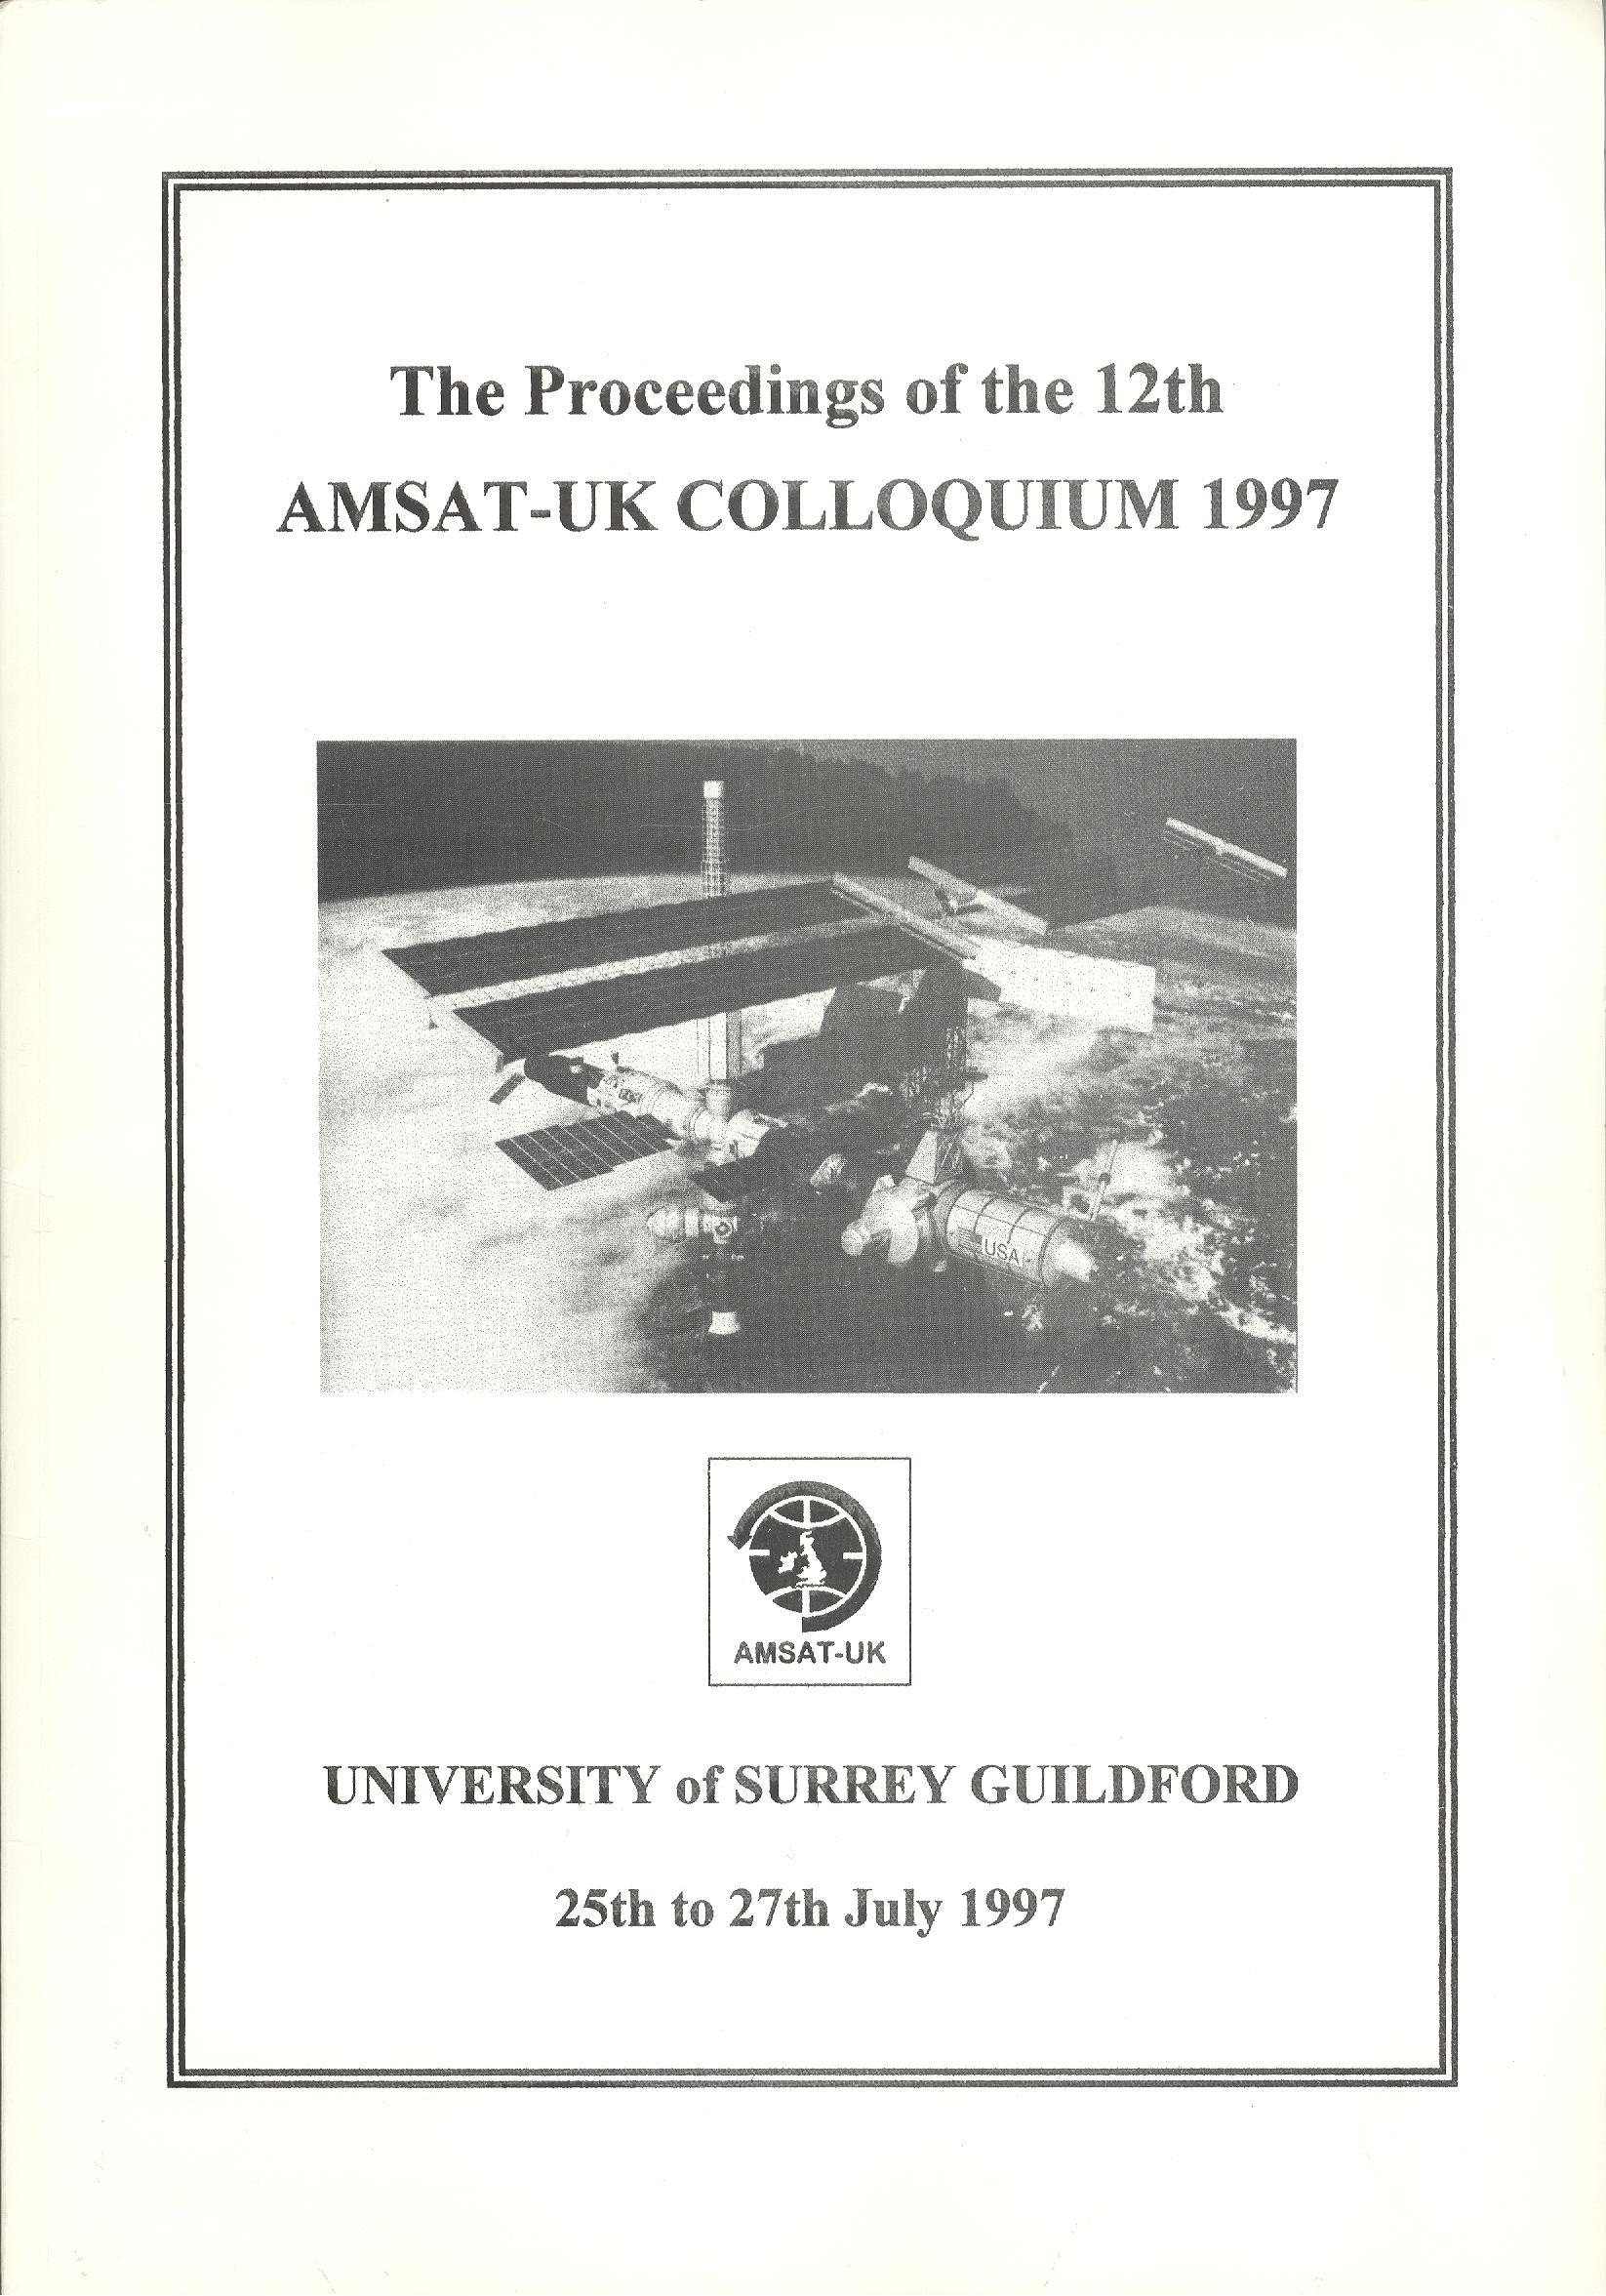 The Proceedings of the 12th AMSAT-UK Colloquium 1997